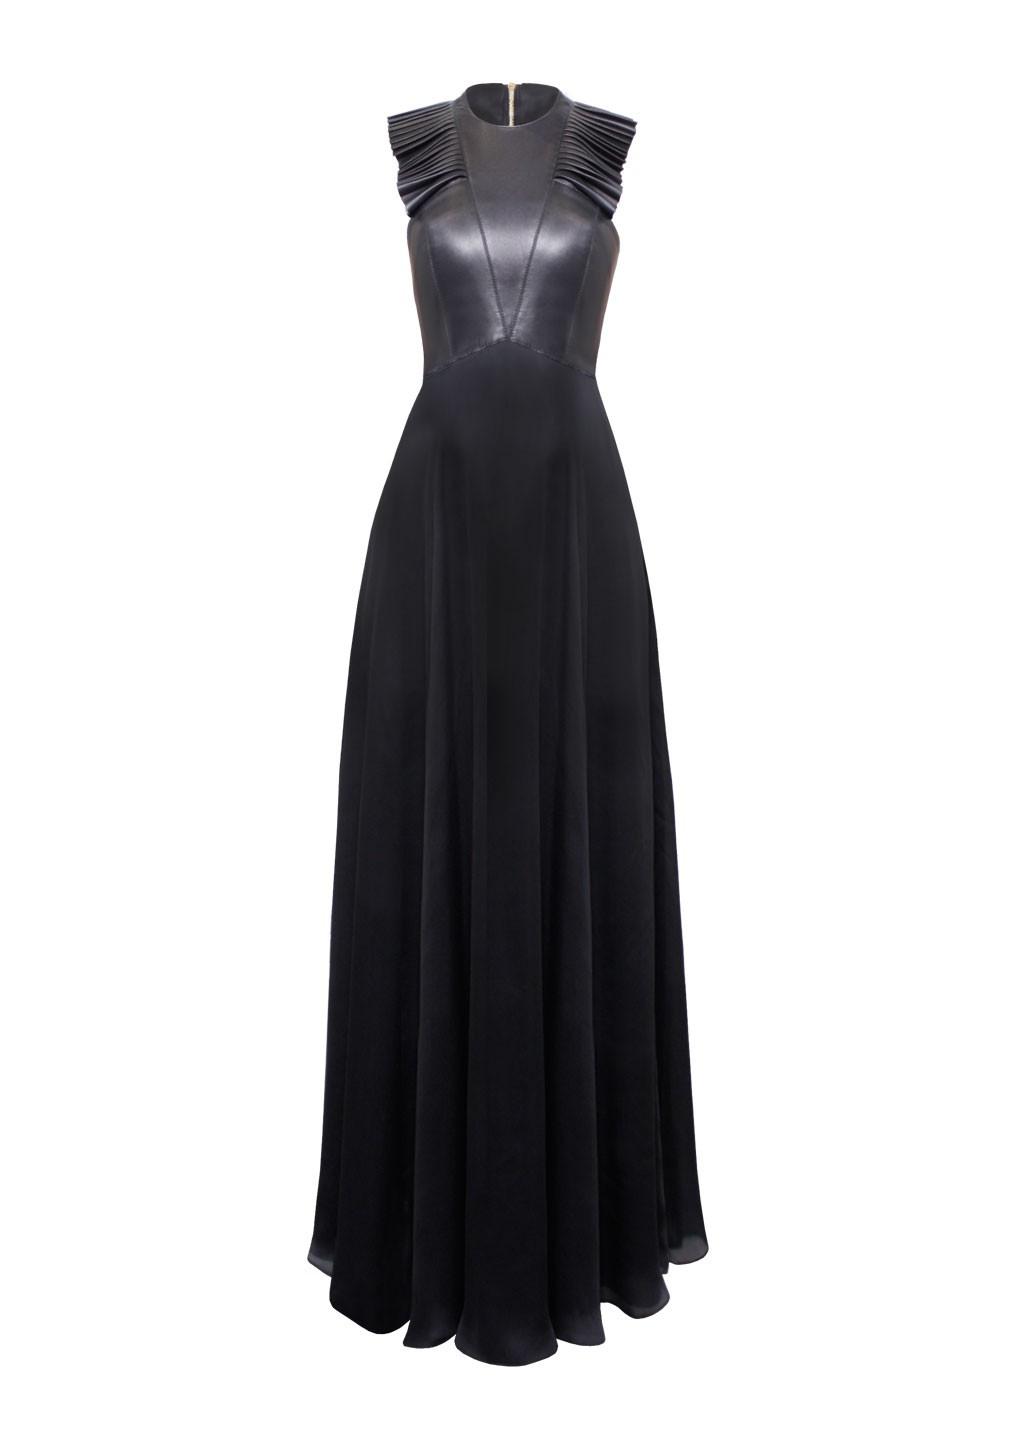 11 Genial Abendkleid Lang 11 für 11 - Abendkleid